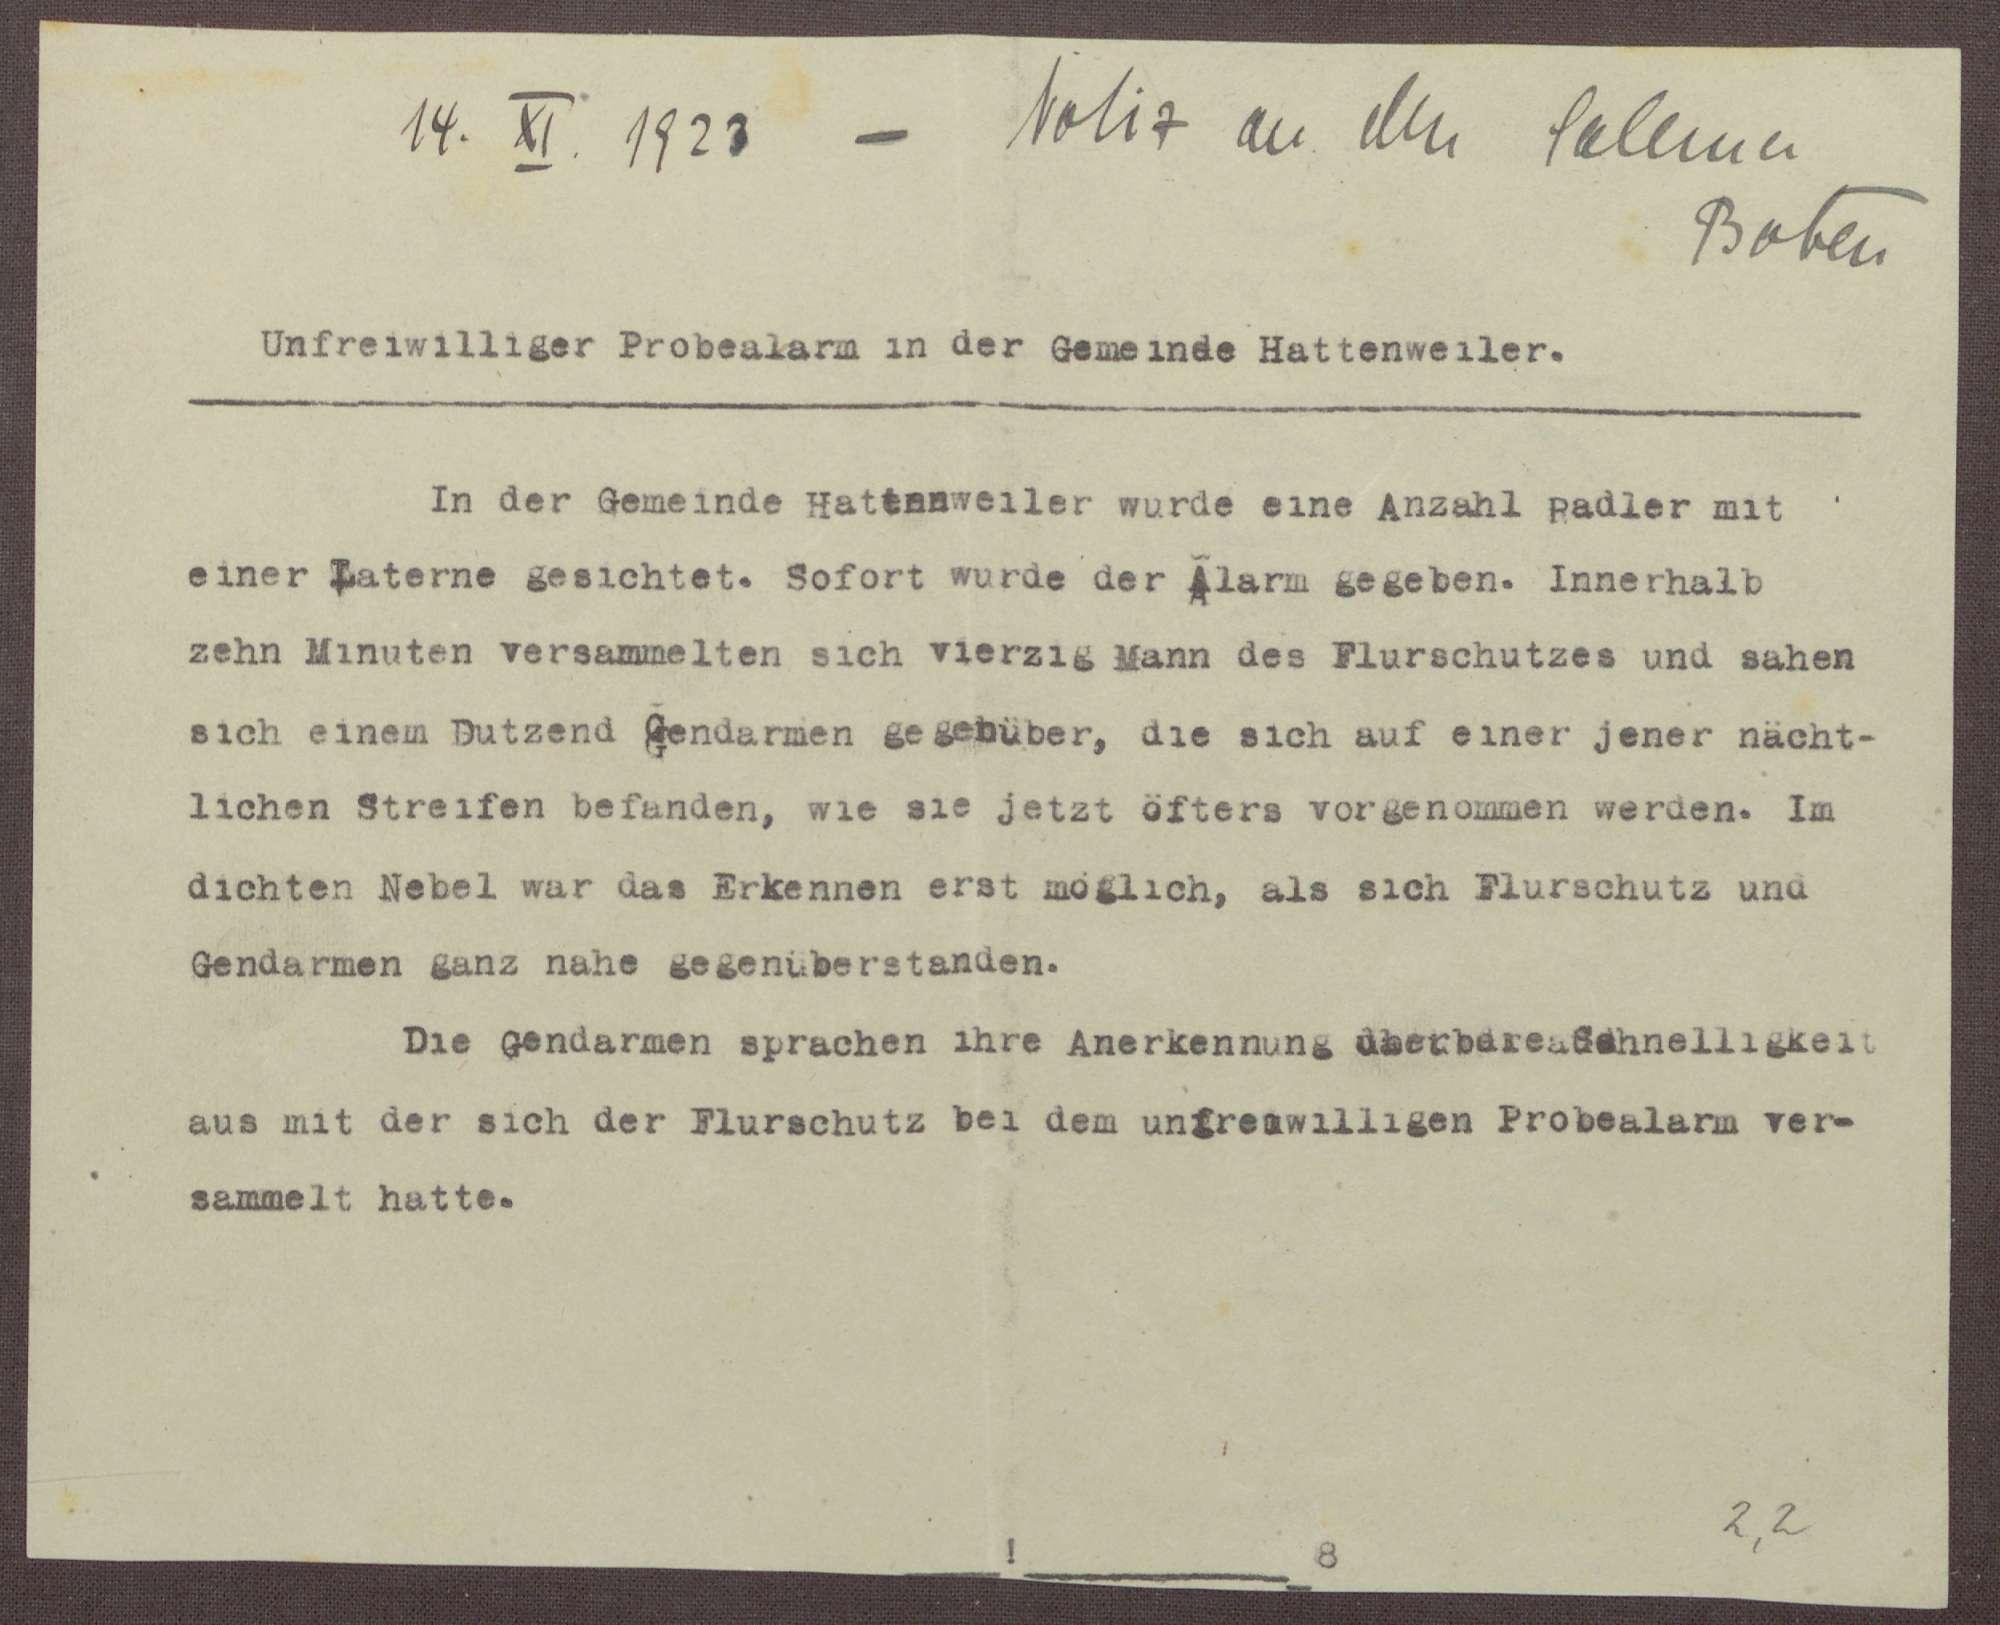 Notizen zu möglichen Tätern des kommunistischen Überfalls bei Pfullendorf und dem Flurschutz, Bild 3